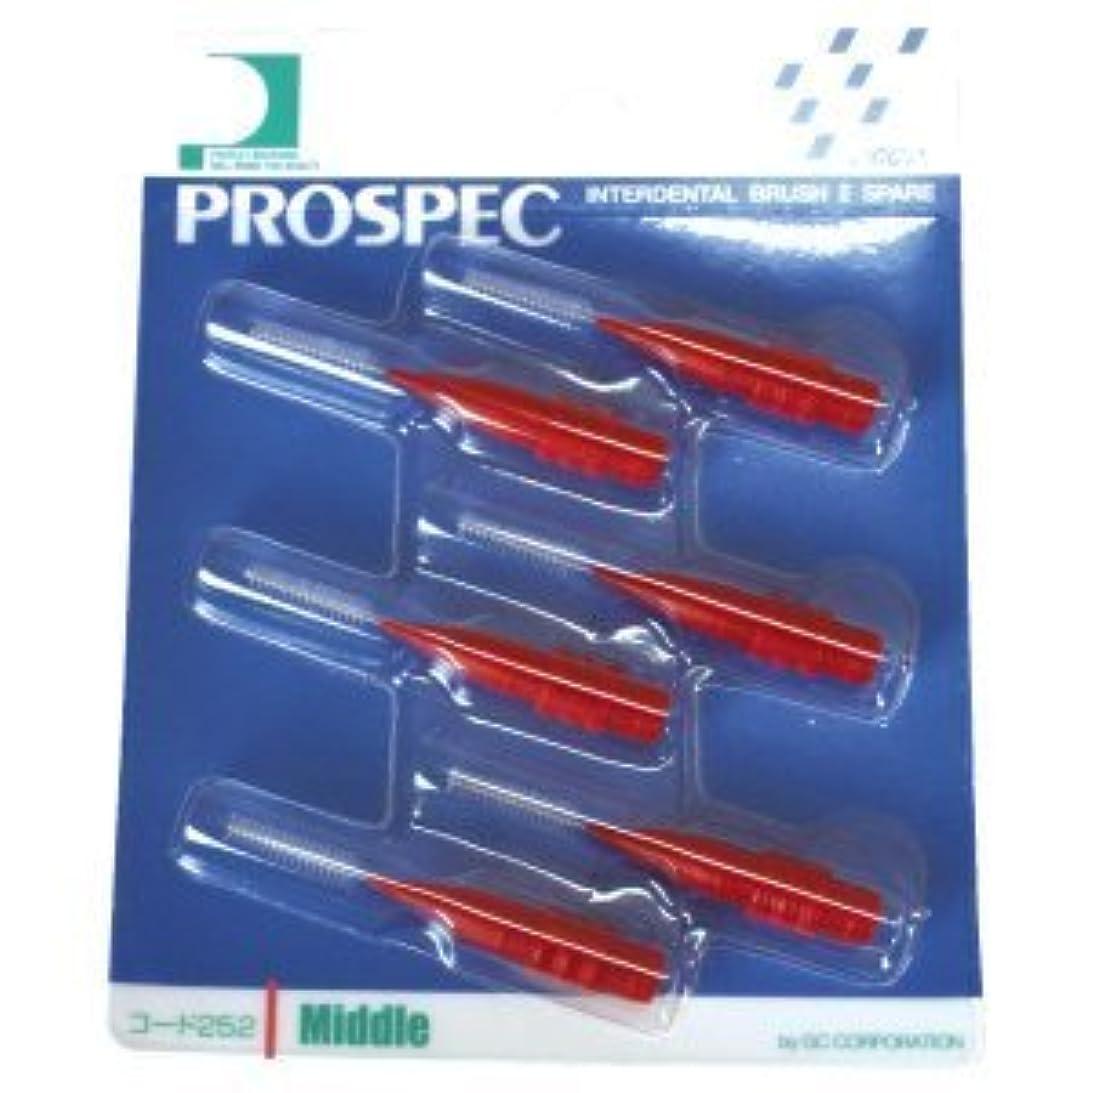 コンペコミットメント調和のとれたプロスペック 歯間ブラシII スペアー/M/1パック(6本入り)